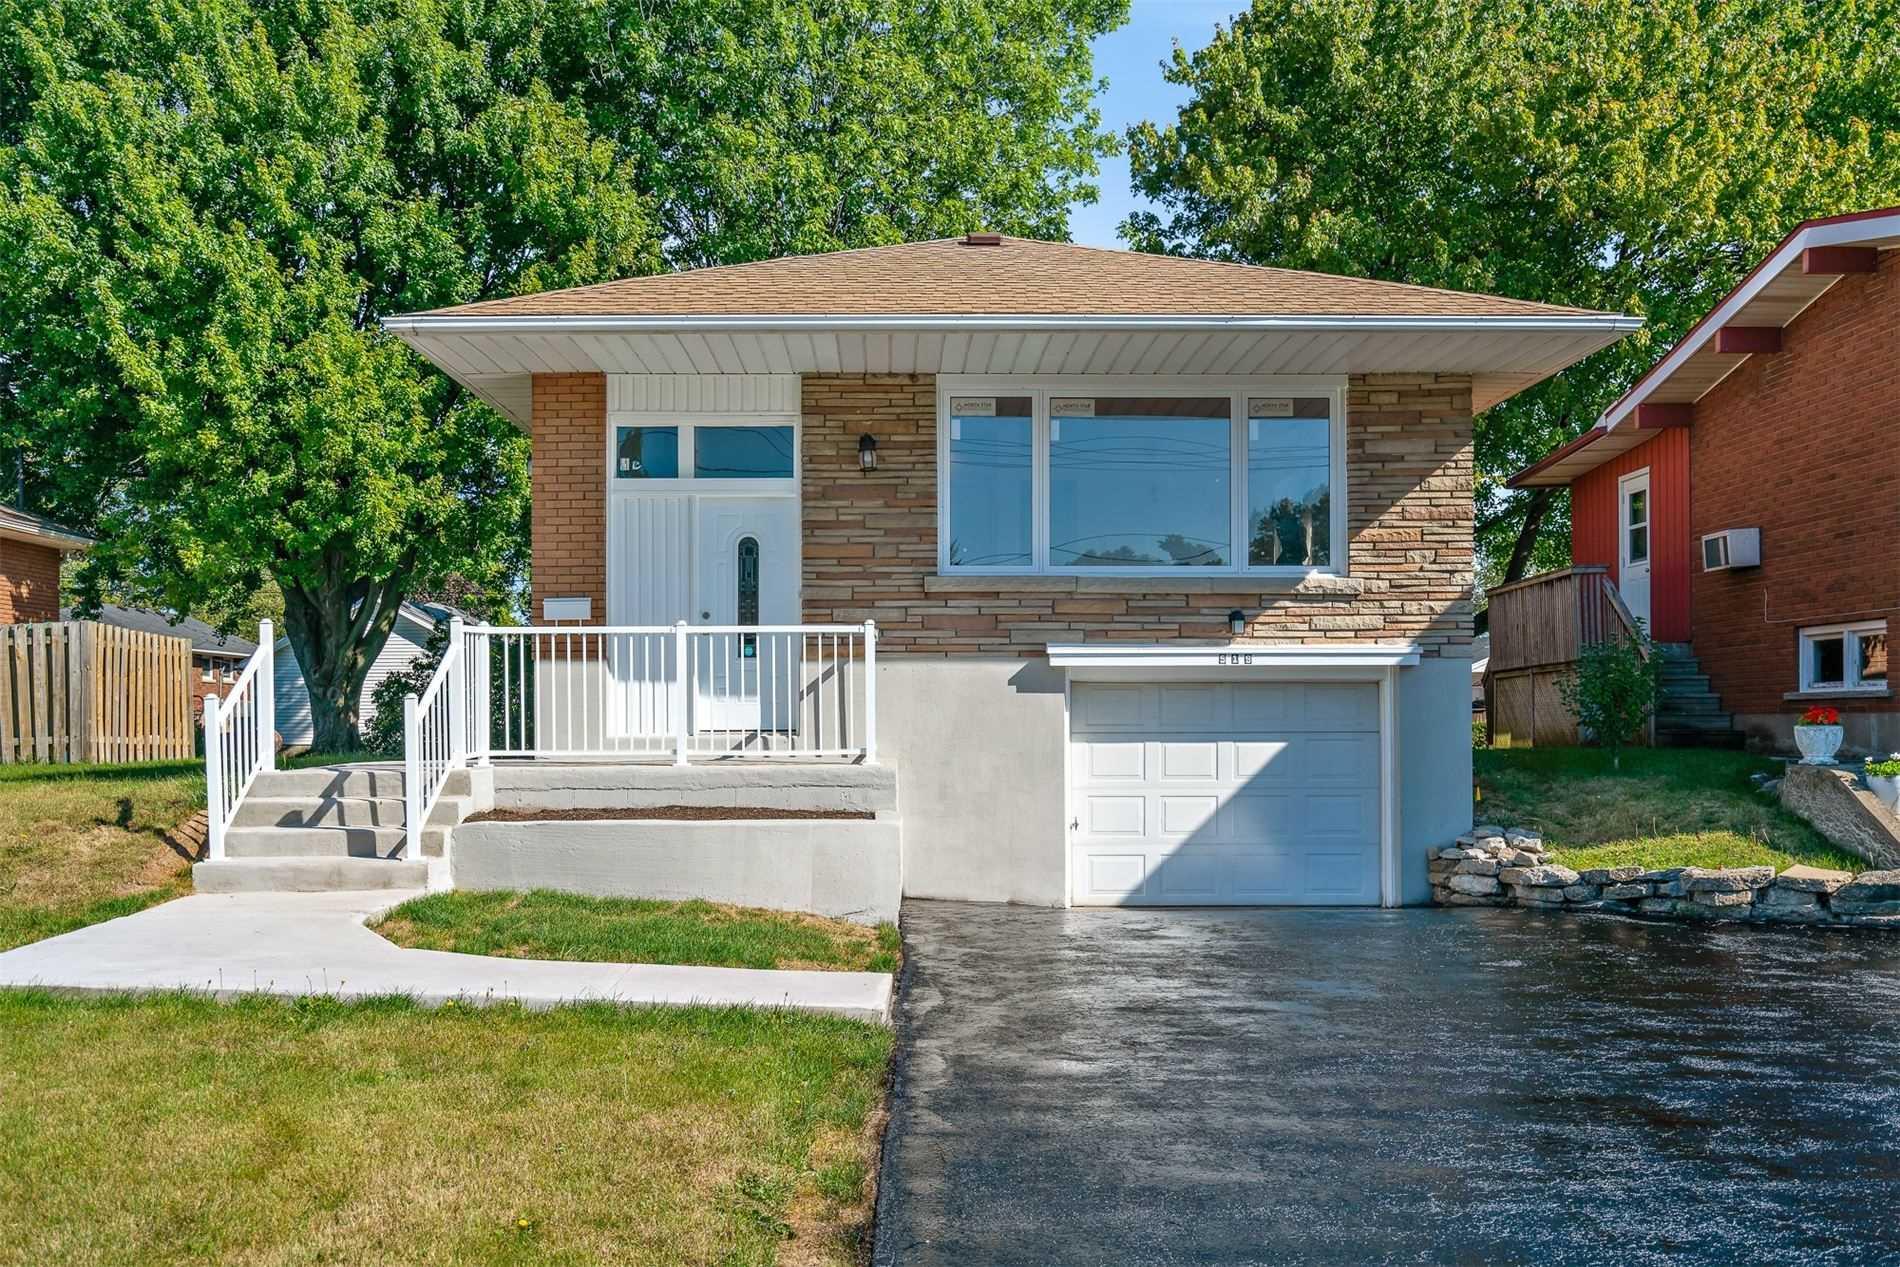 519 Sugarloaf St, Port Colborne, Ontario L3K 2P9, 3 Bedrooms Bedrooms, ,2 BathroomsBathrooms,Multiplex,For Sale,Sugarloaf,X5365919